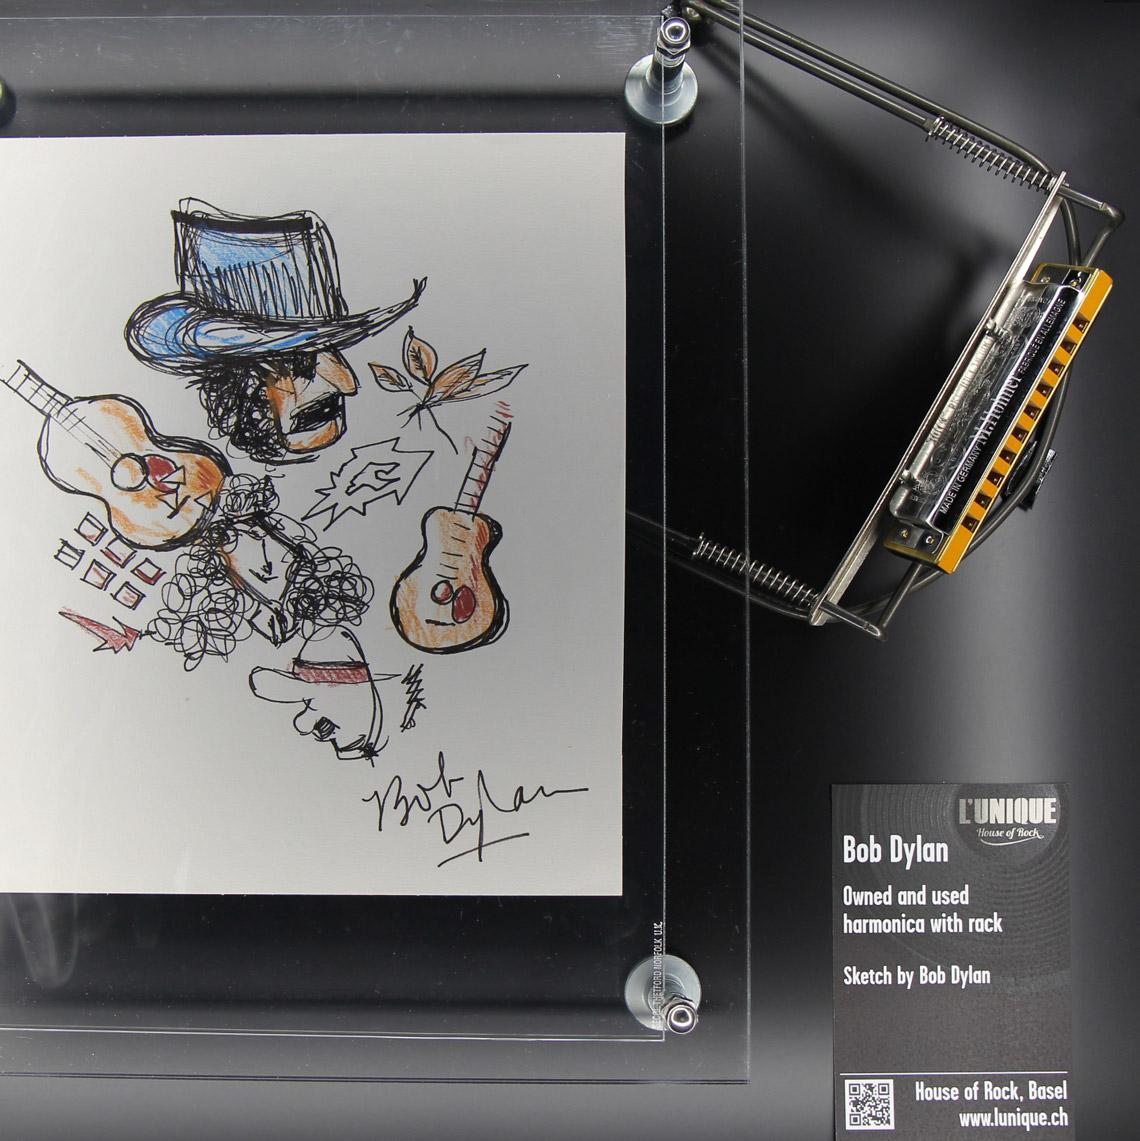 L'Unique Foundation | Exhibition | Bob Dylan